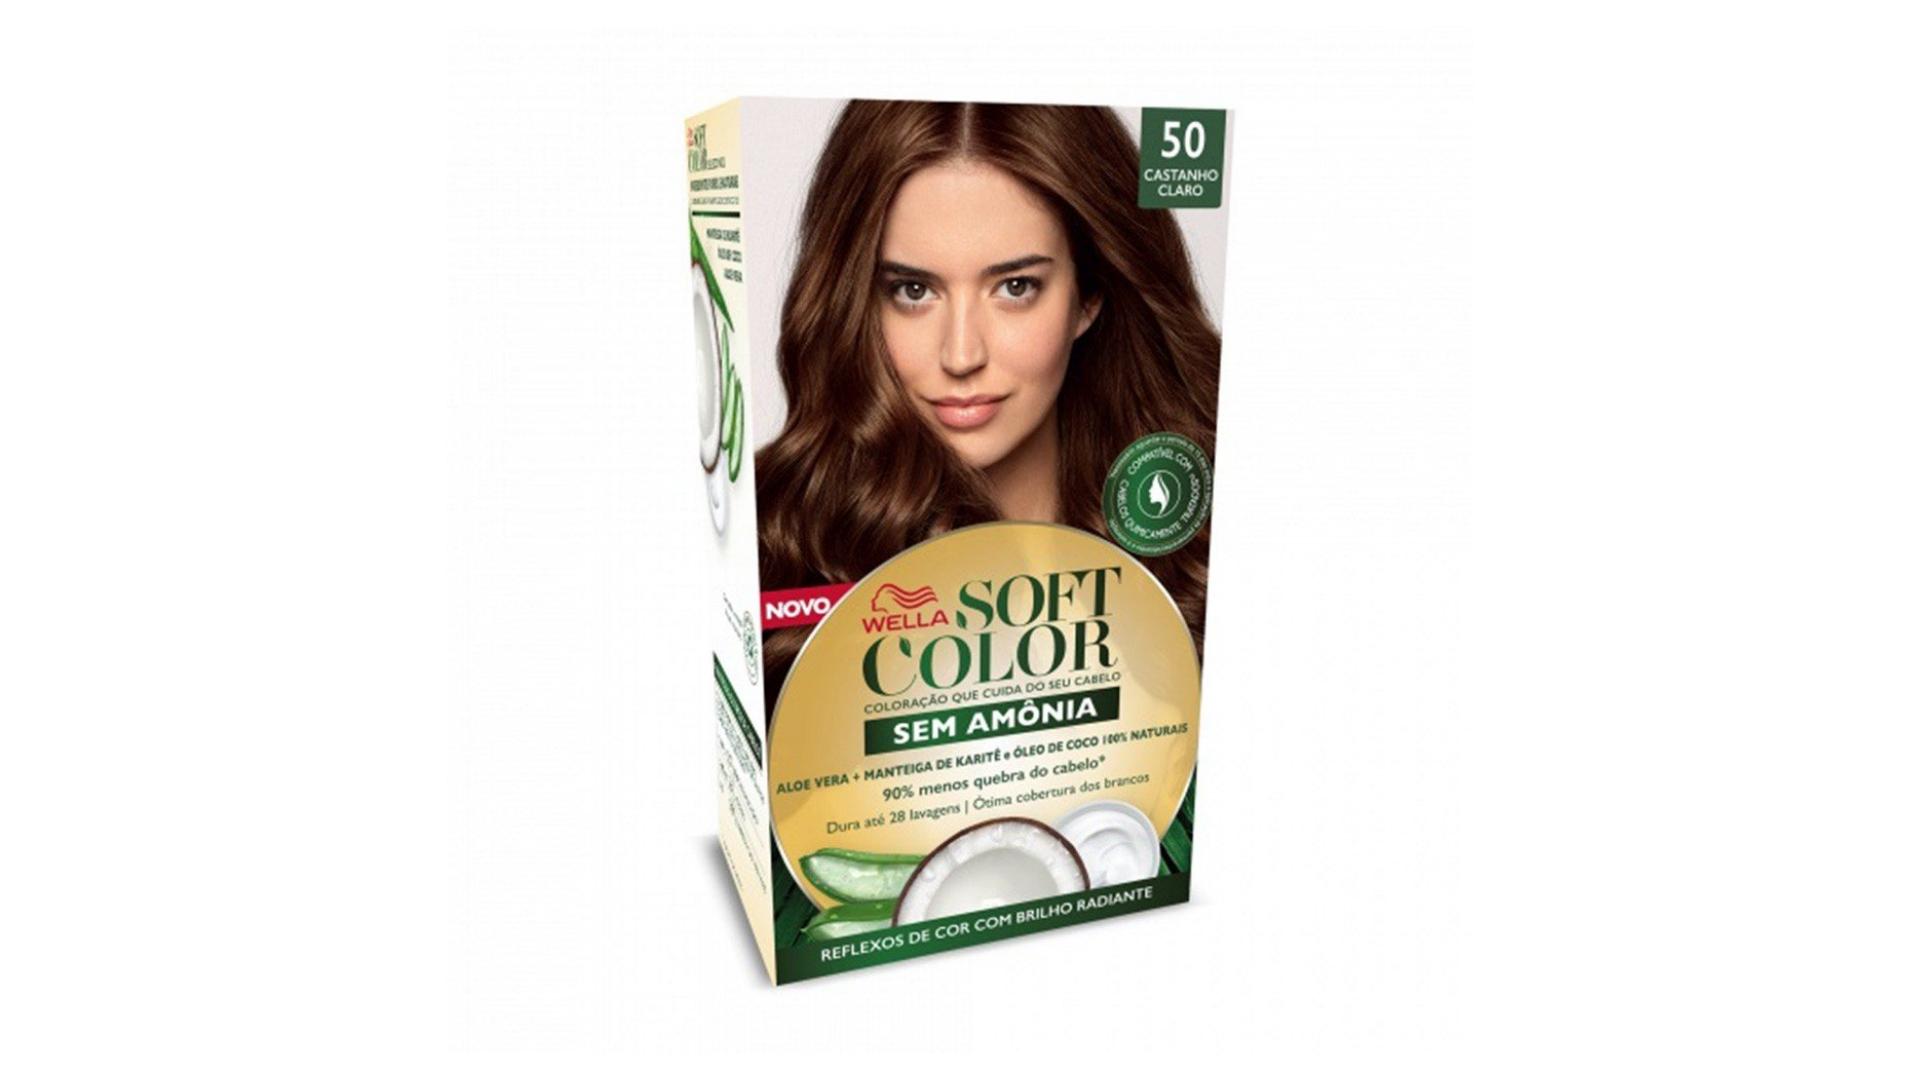 Wella Soft Color (Imagem: Divulgação/Wella)